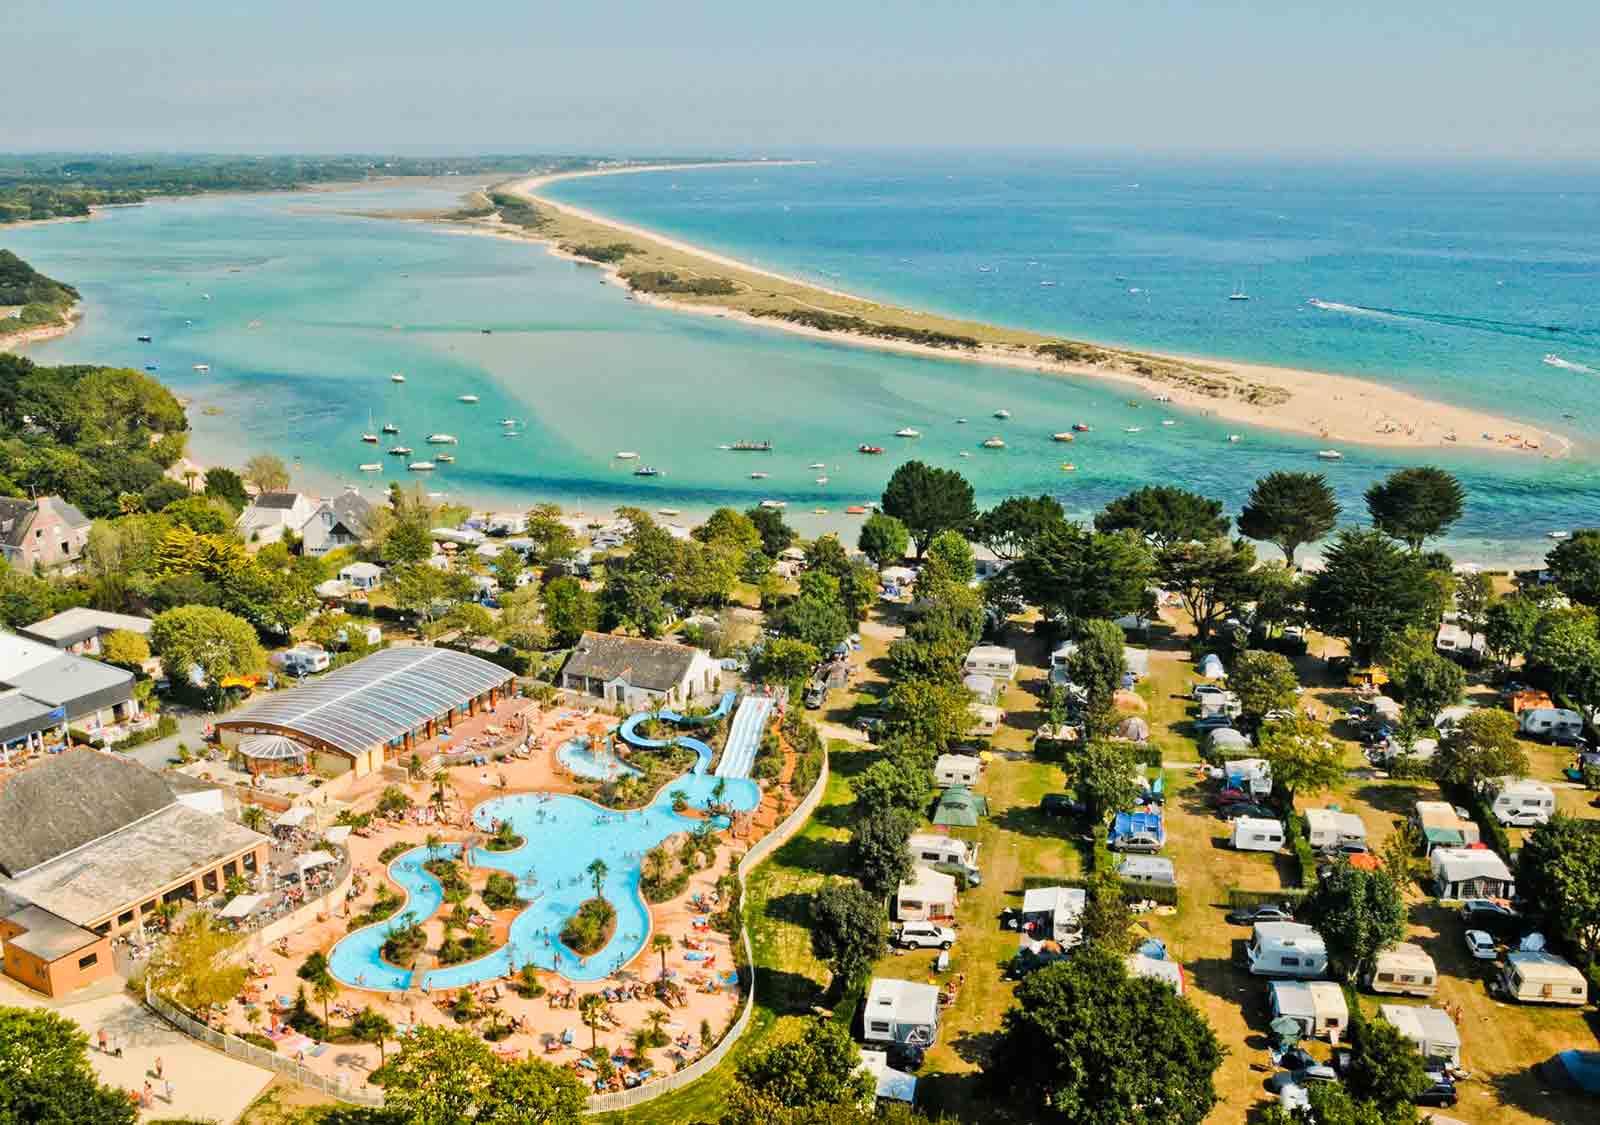 Camping Avec Parc Aquatique, Bassin, Espace, Toboggan ... pour Camping Bord De Mer Mediterranee Avec Piscine